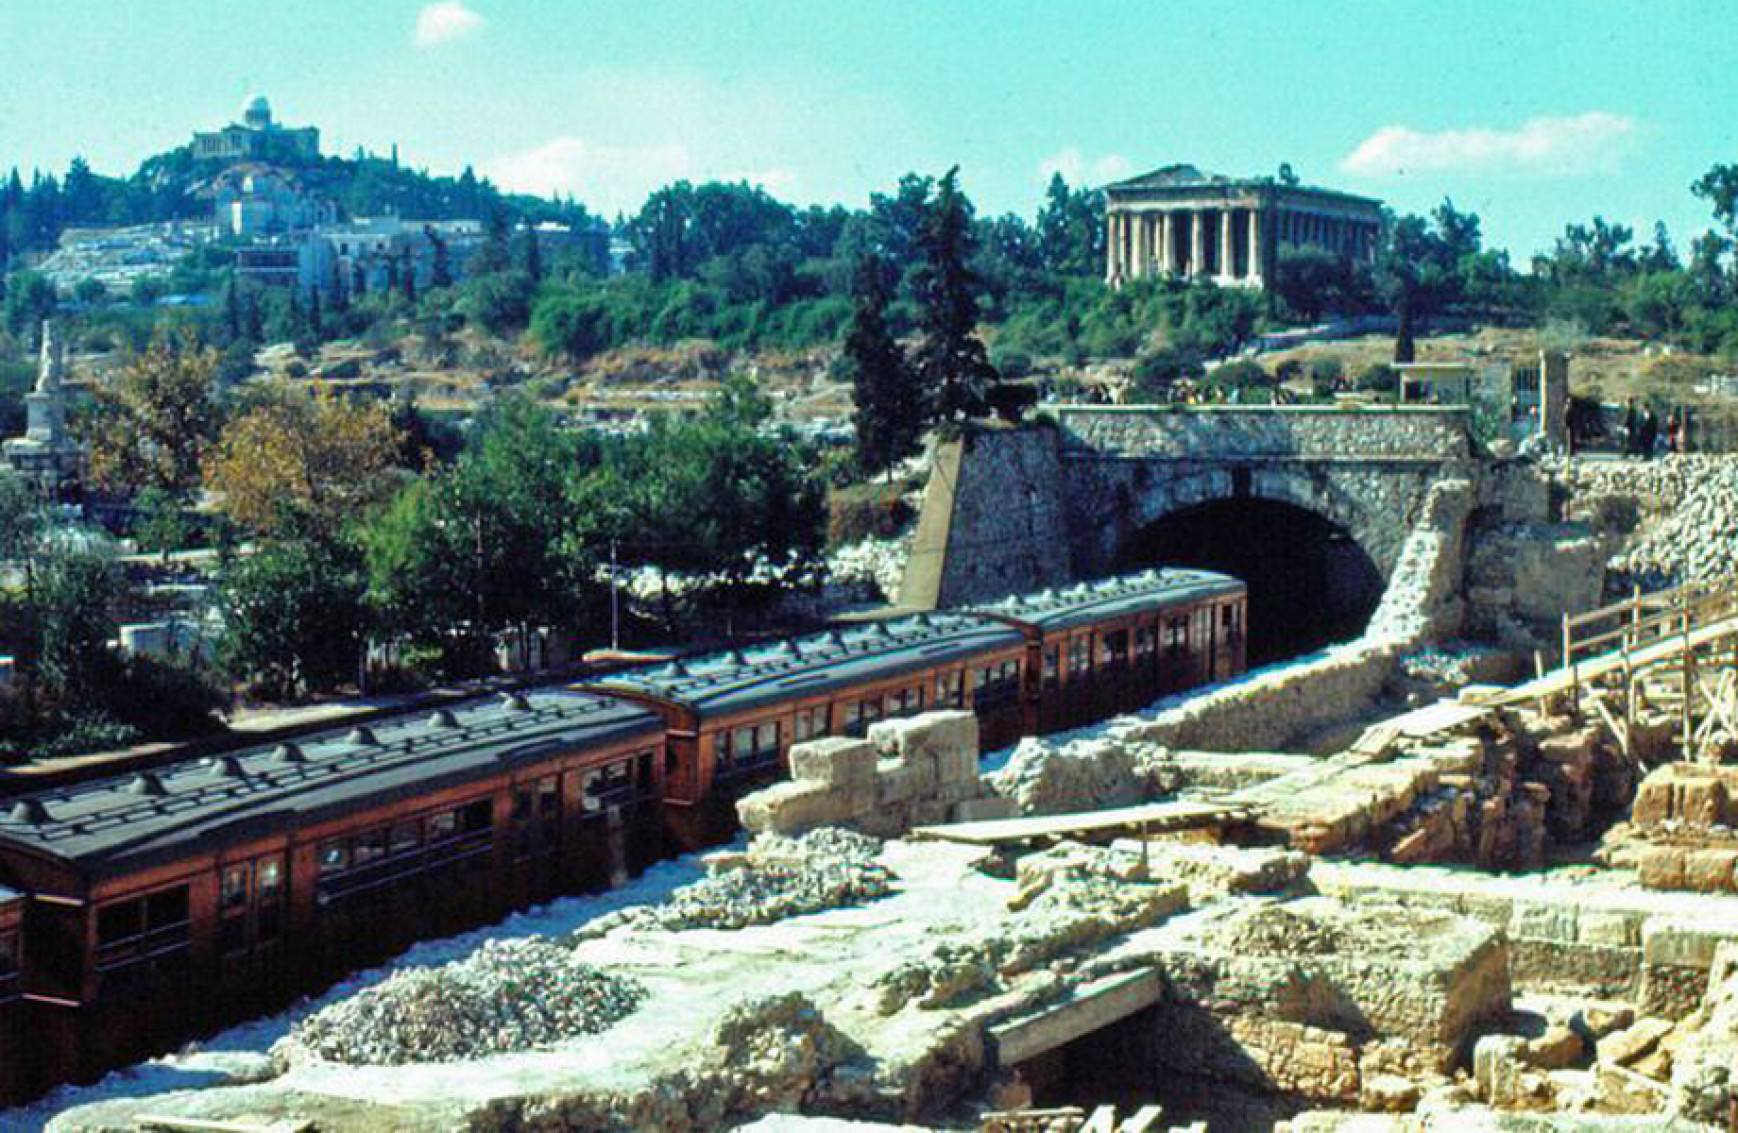 Πως ήταν η Αθήνα την δεκαετία του 1970 – Οι πιο όμορφες στιγμές μιας άλλης εποχής που δεν υπάρχει πια